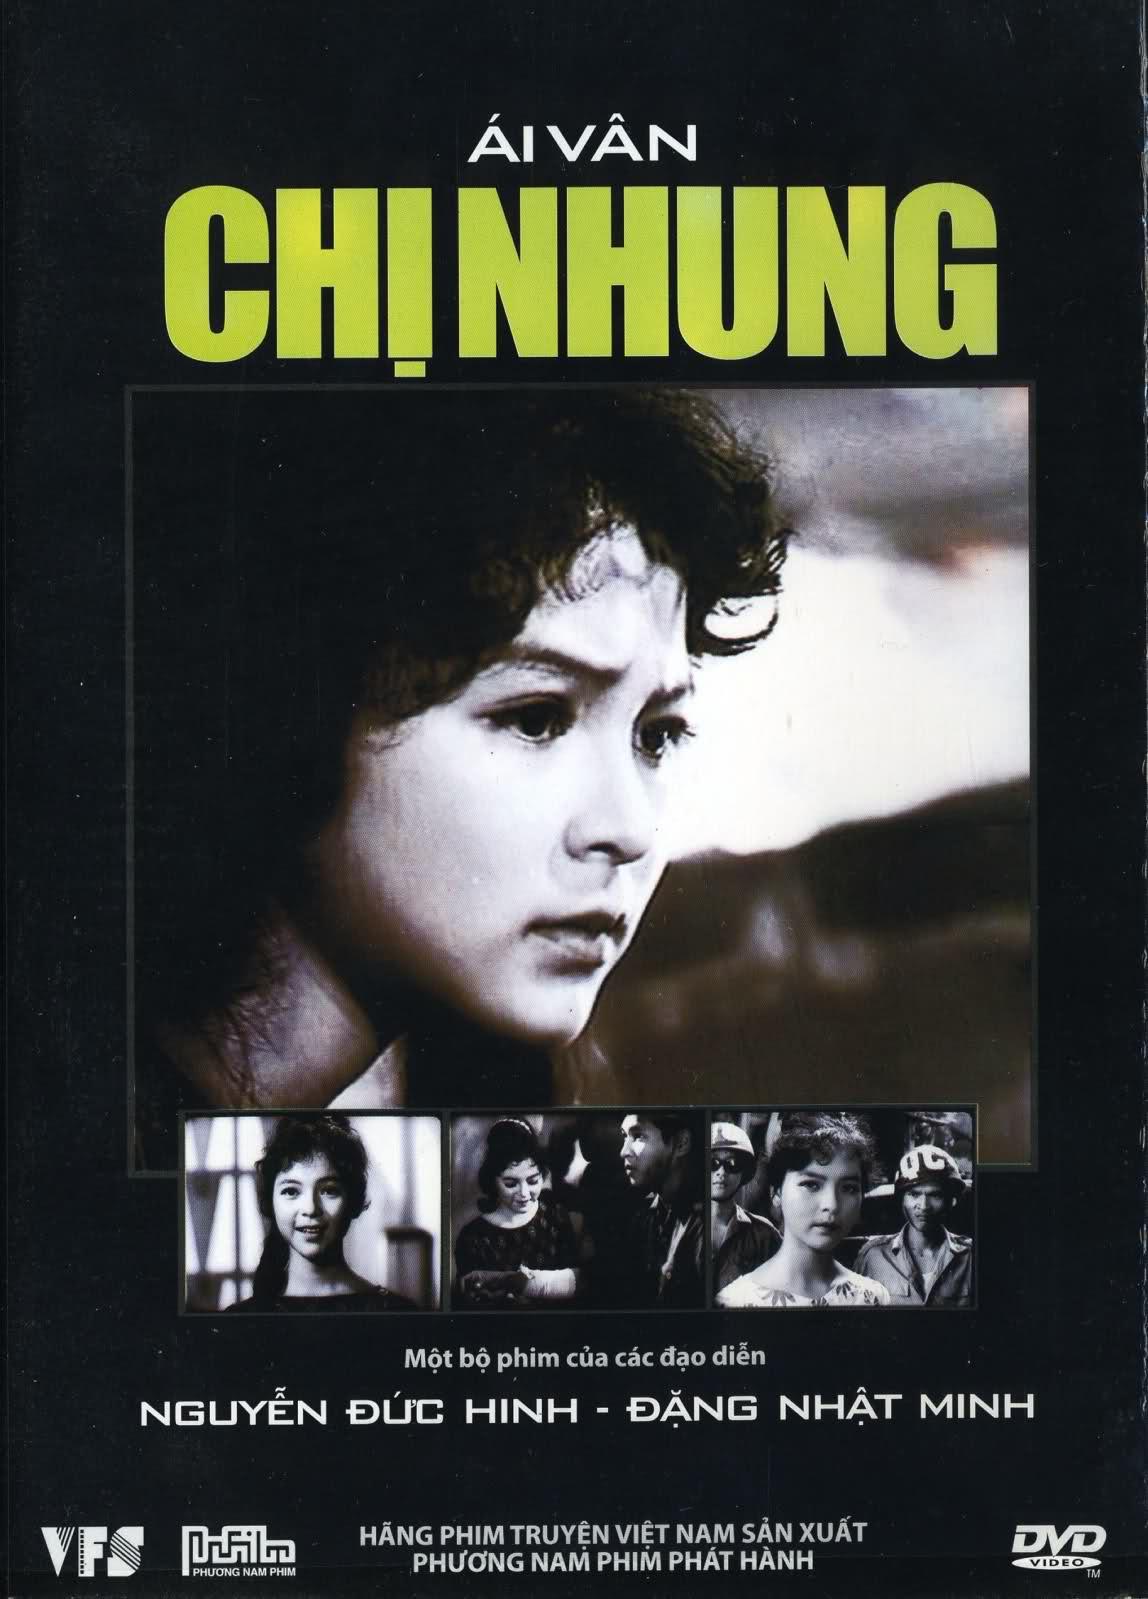 Chị Nhung là một trong những bộ phim nổi tiếng của điện ảnh cách mạng Việt Nam